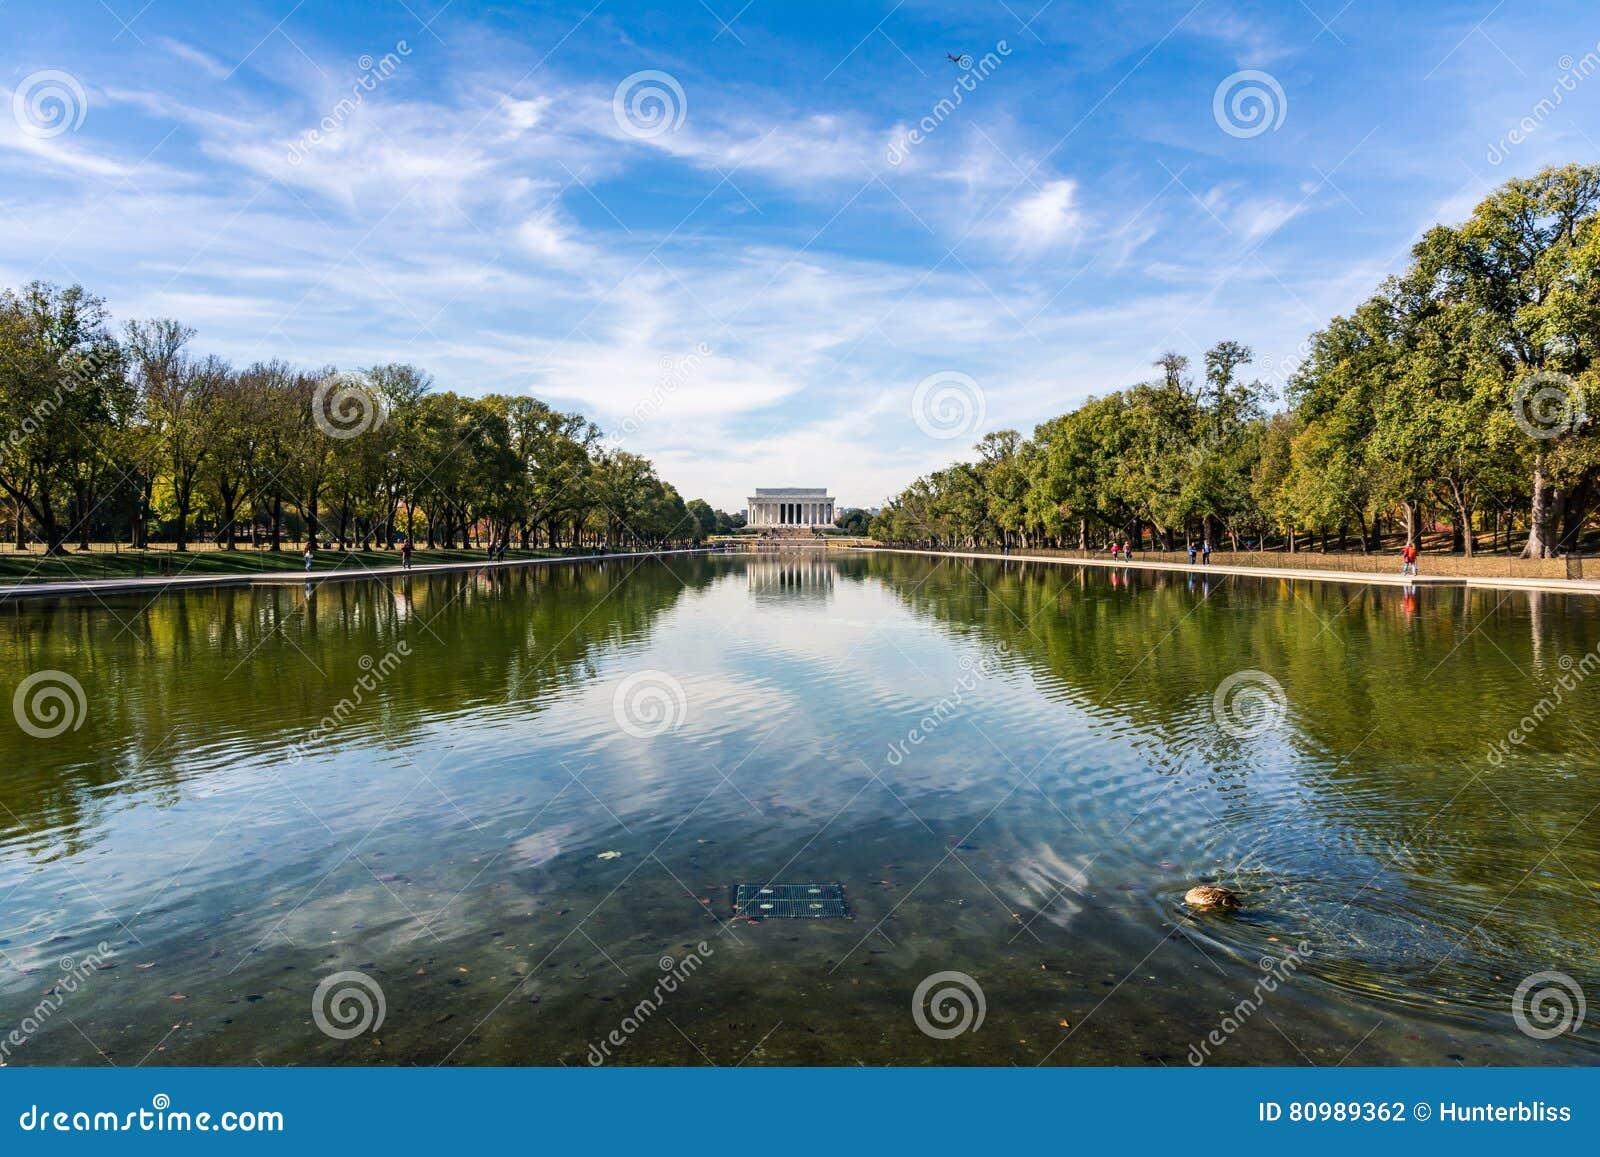 Lavage de jour de mail national de Lincoln Memorial Over Reflecting Pool